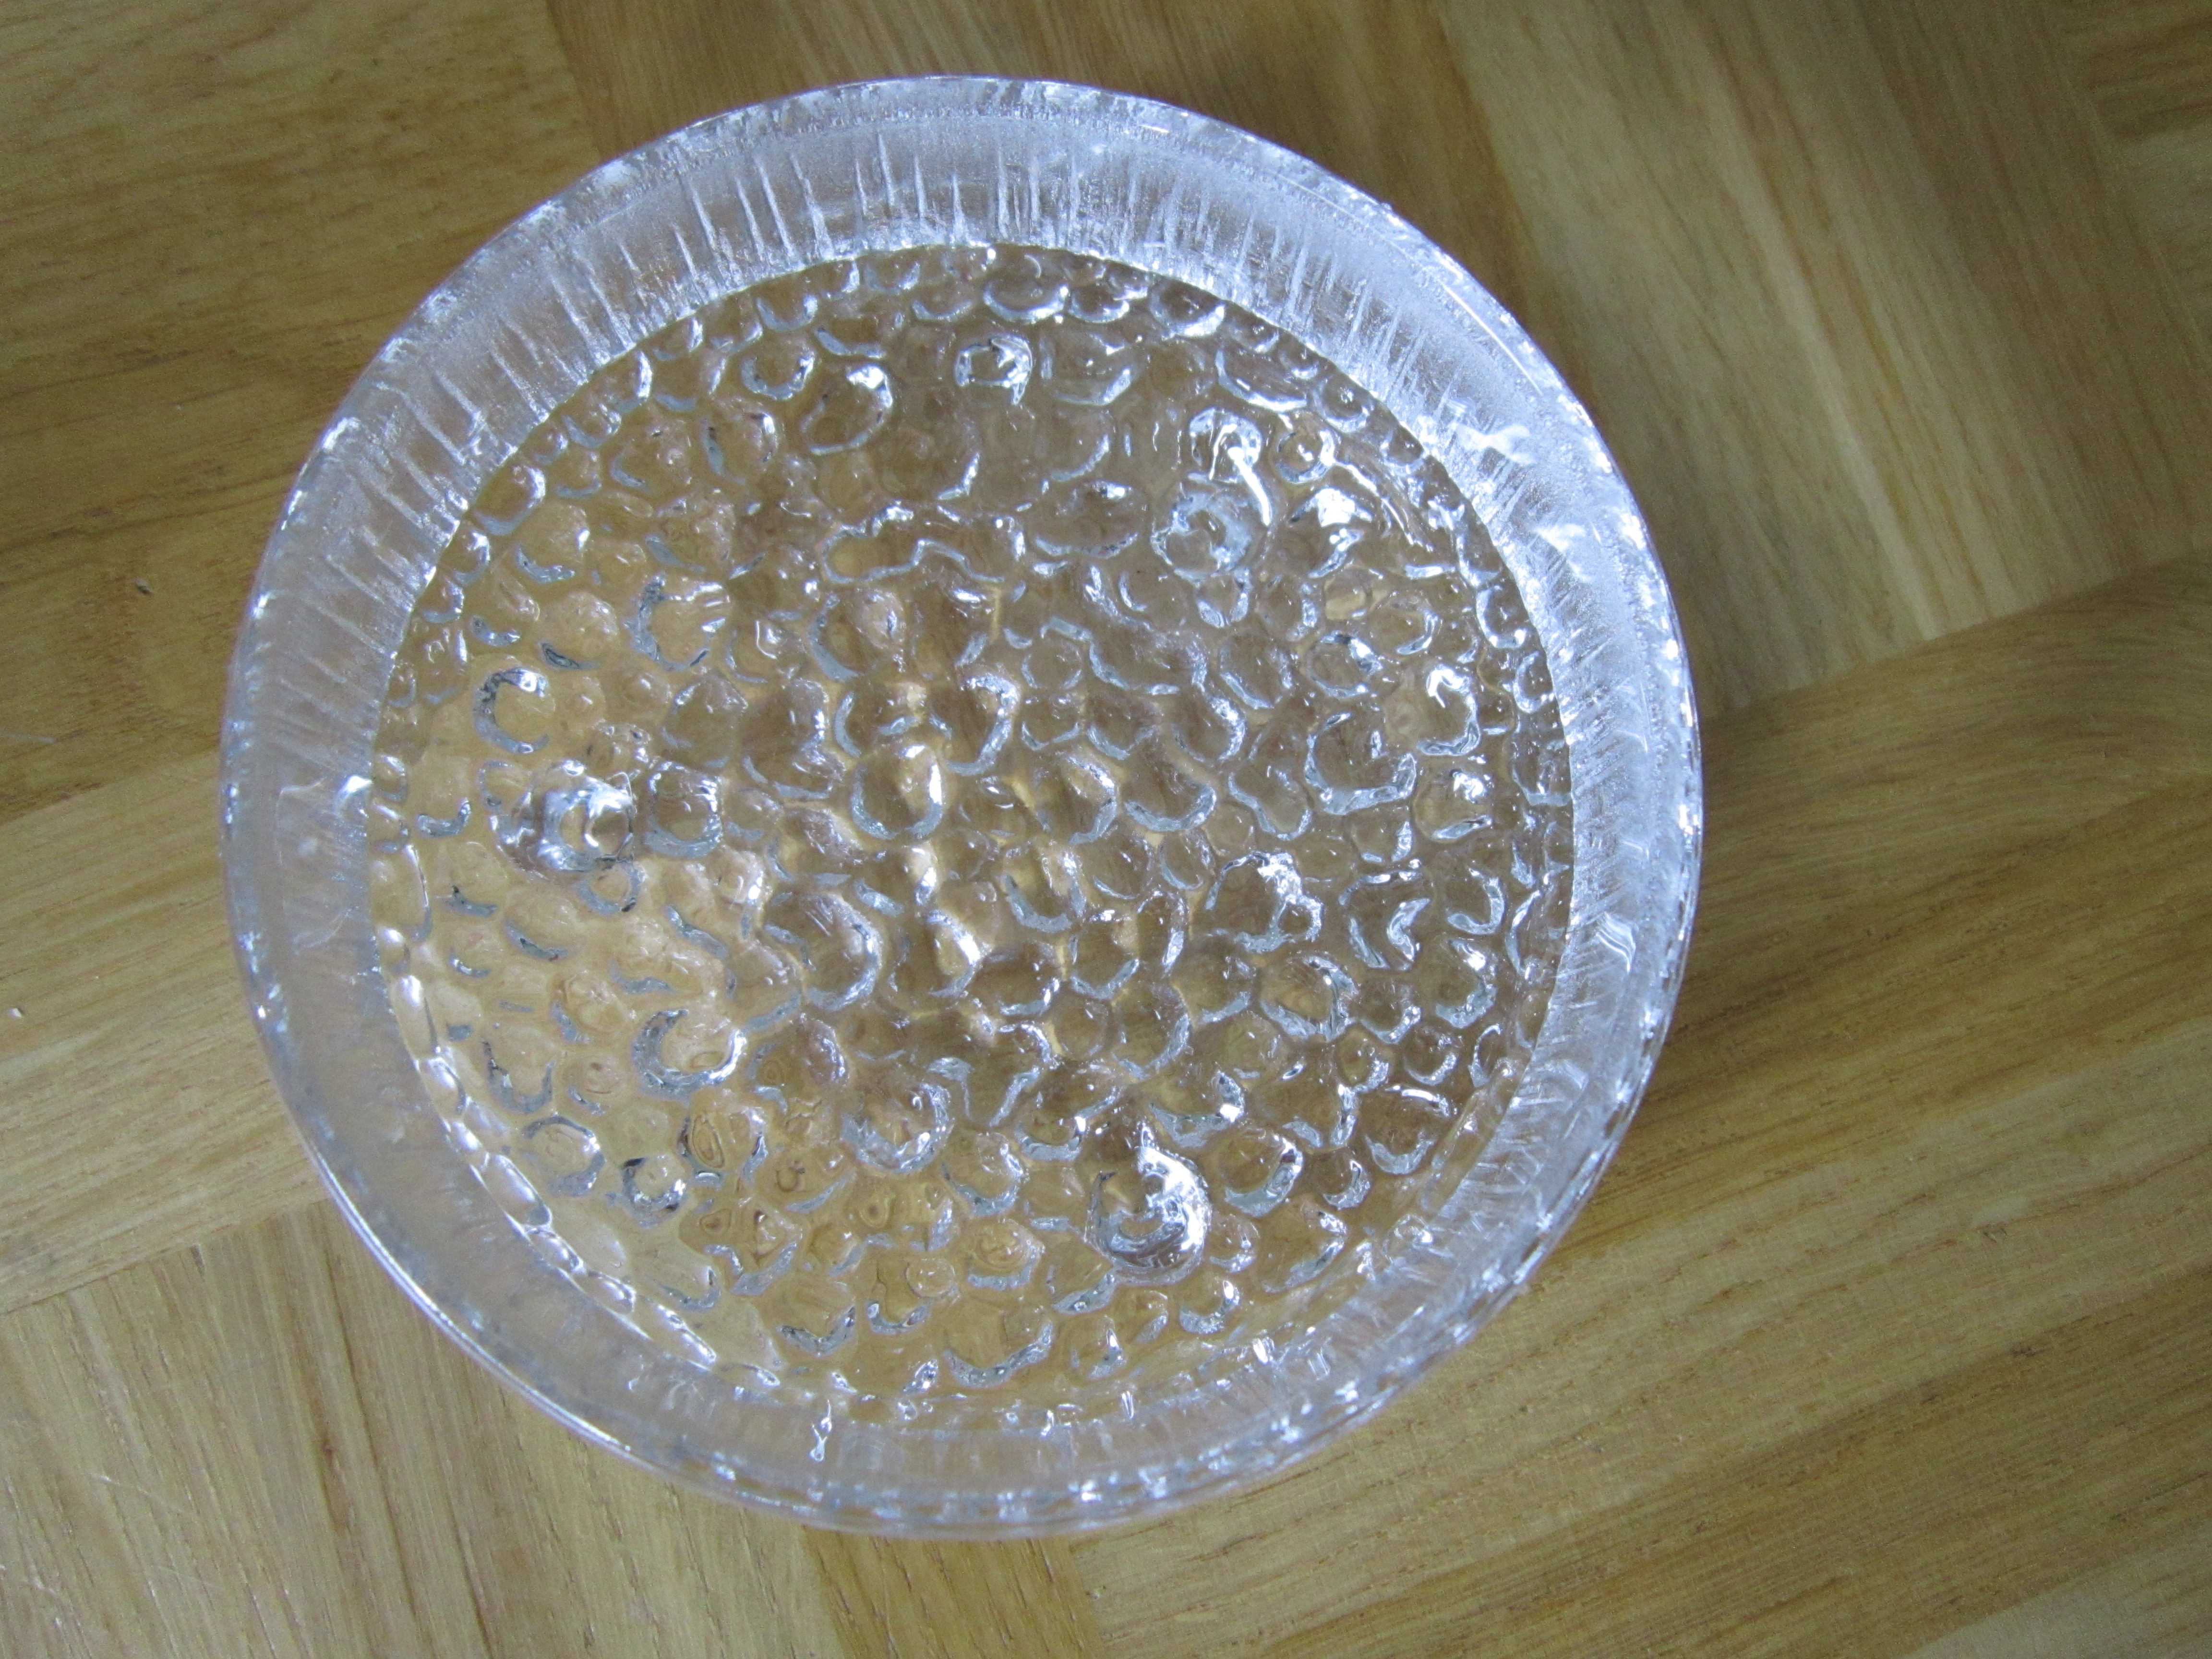 Glasschale mit Riffeln gebraucht kaufen